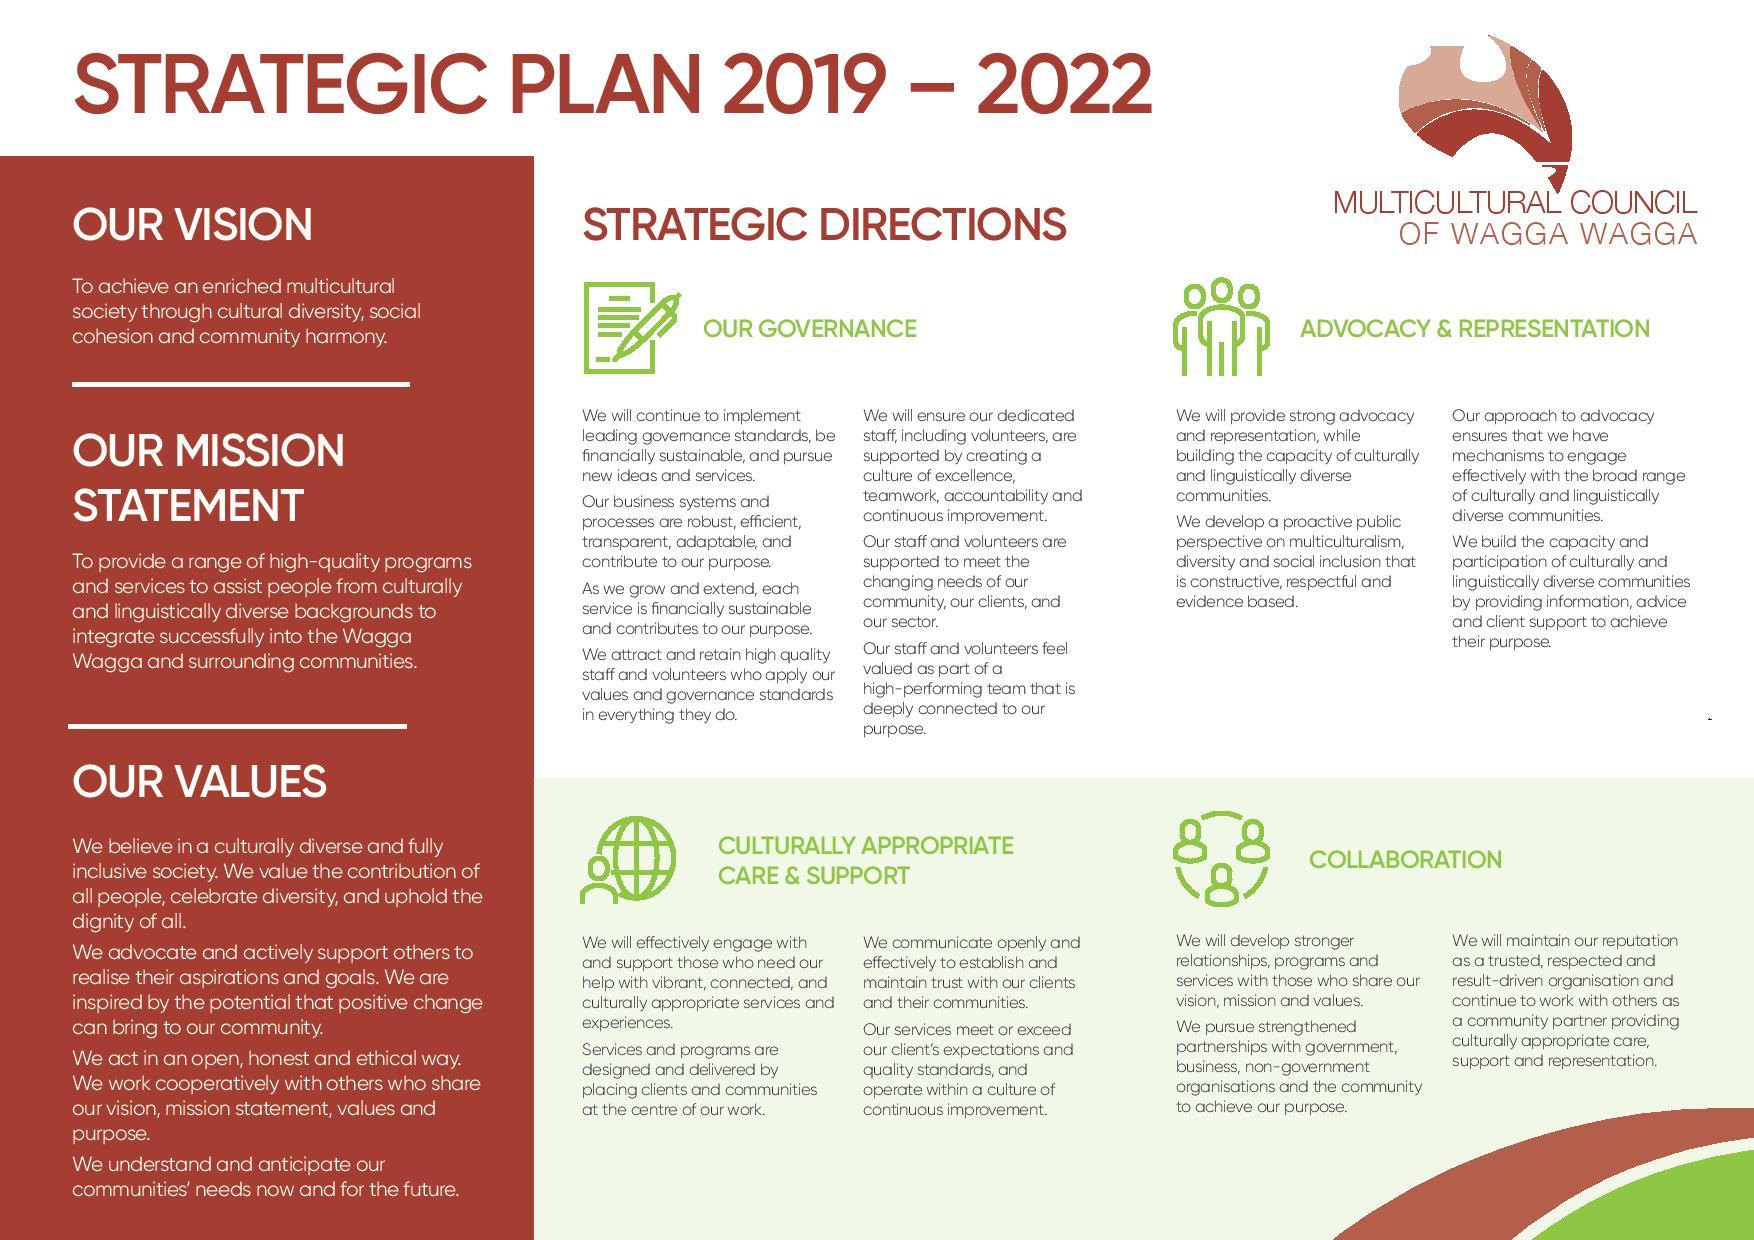 2019 MCWW Strategic Plan